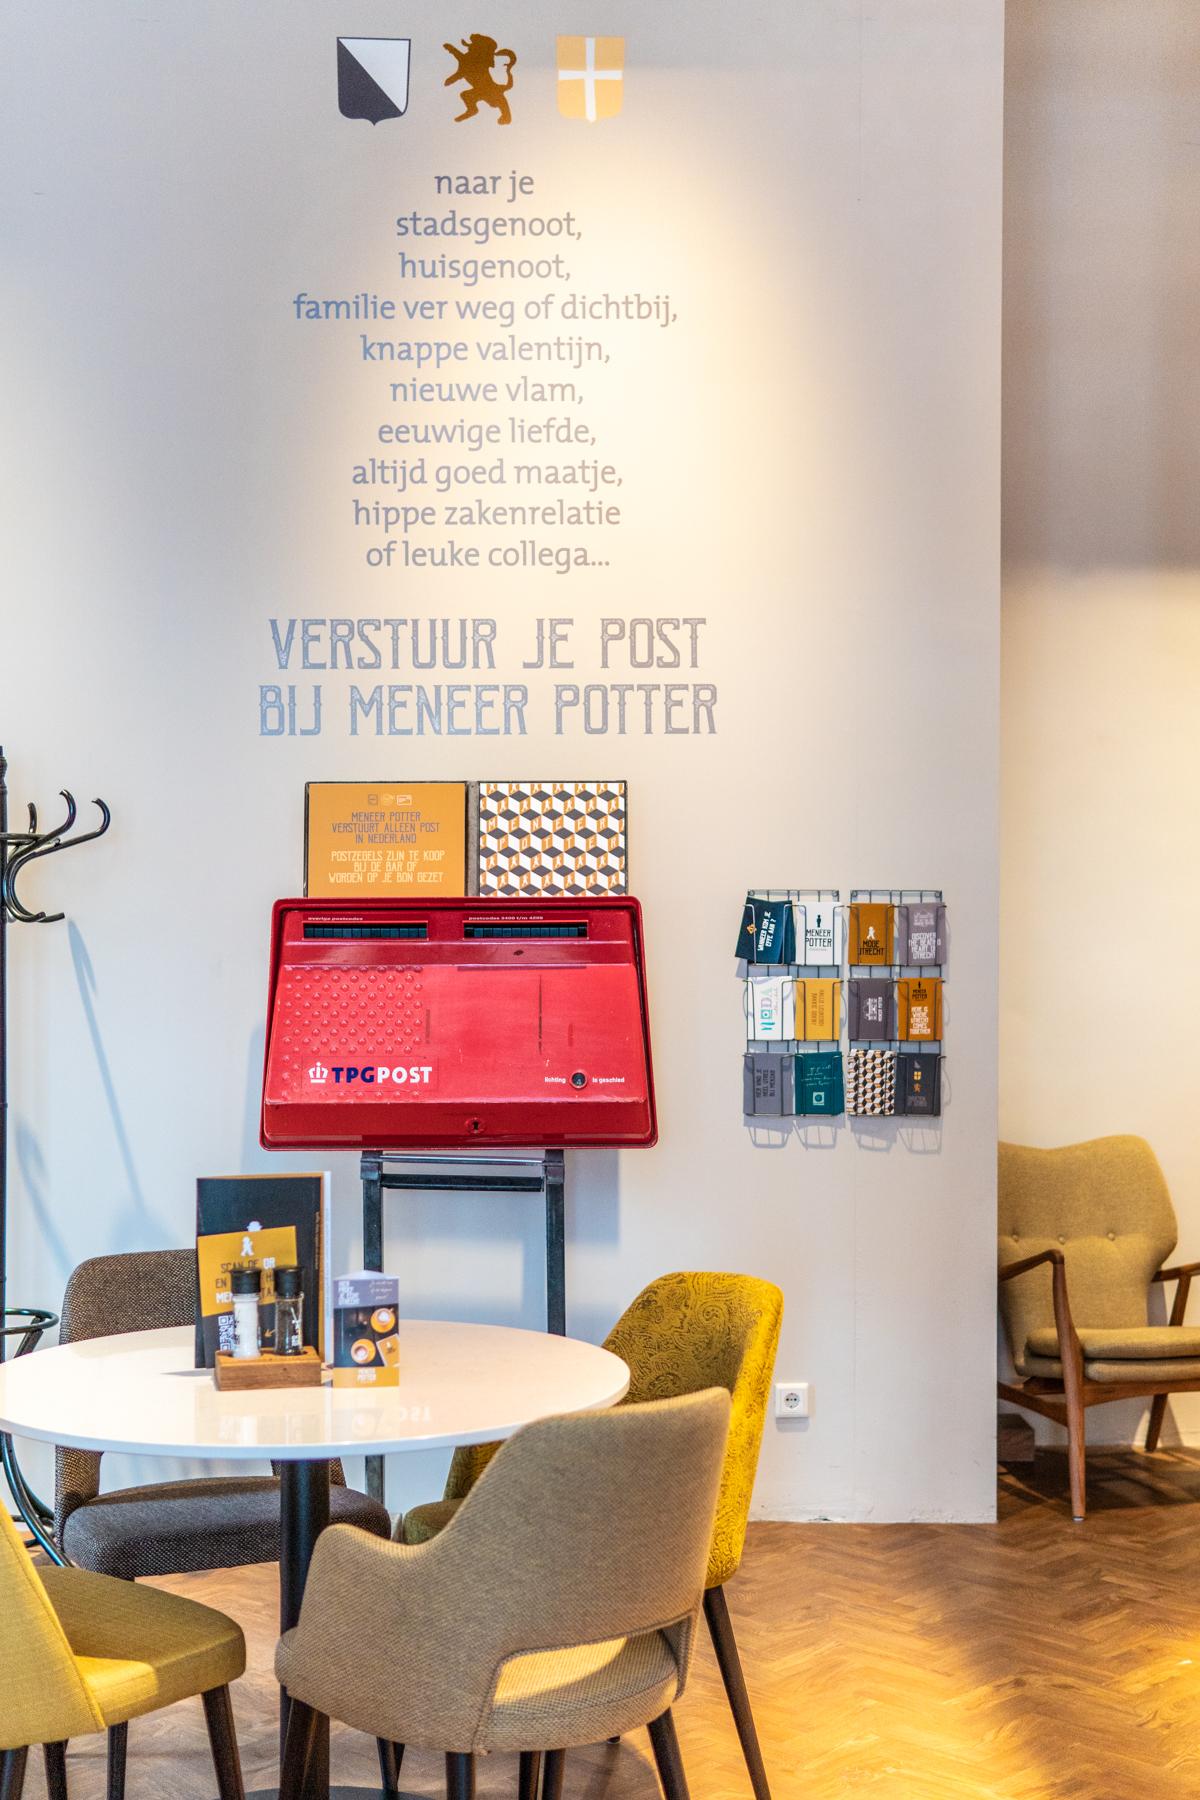 Meneer Potter in het oude postkantoor in Utrecht